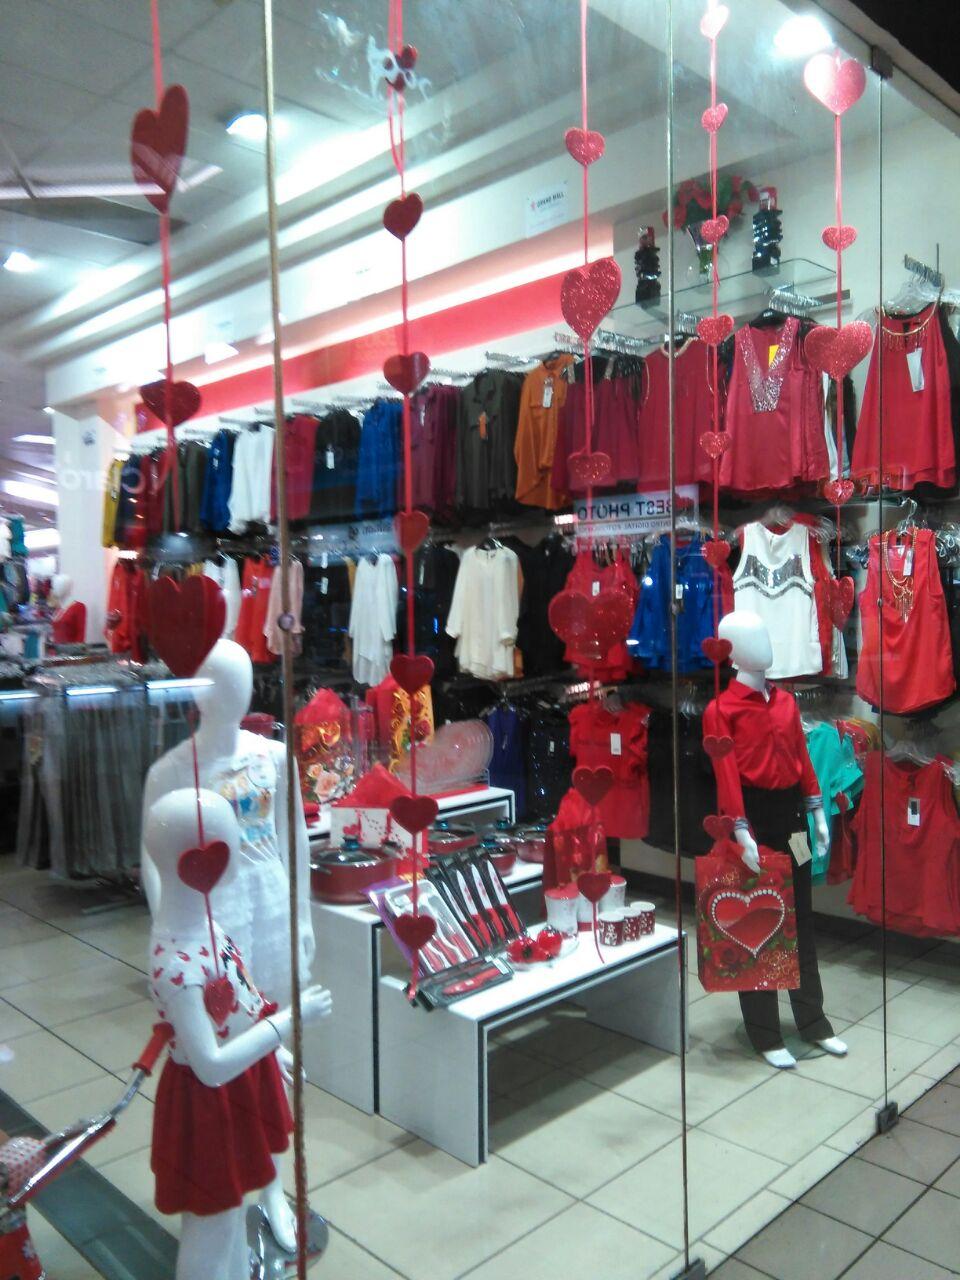 Grand Mall ofrece vestidos exclusivos turcos y la línea de